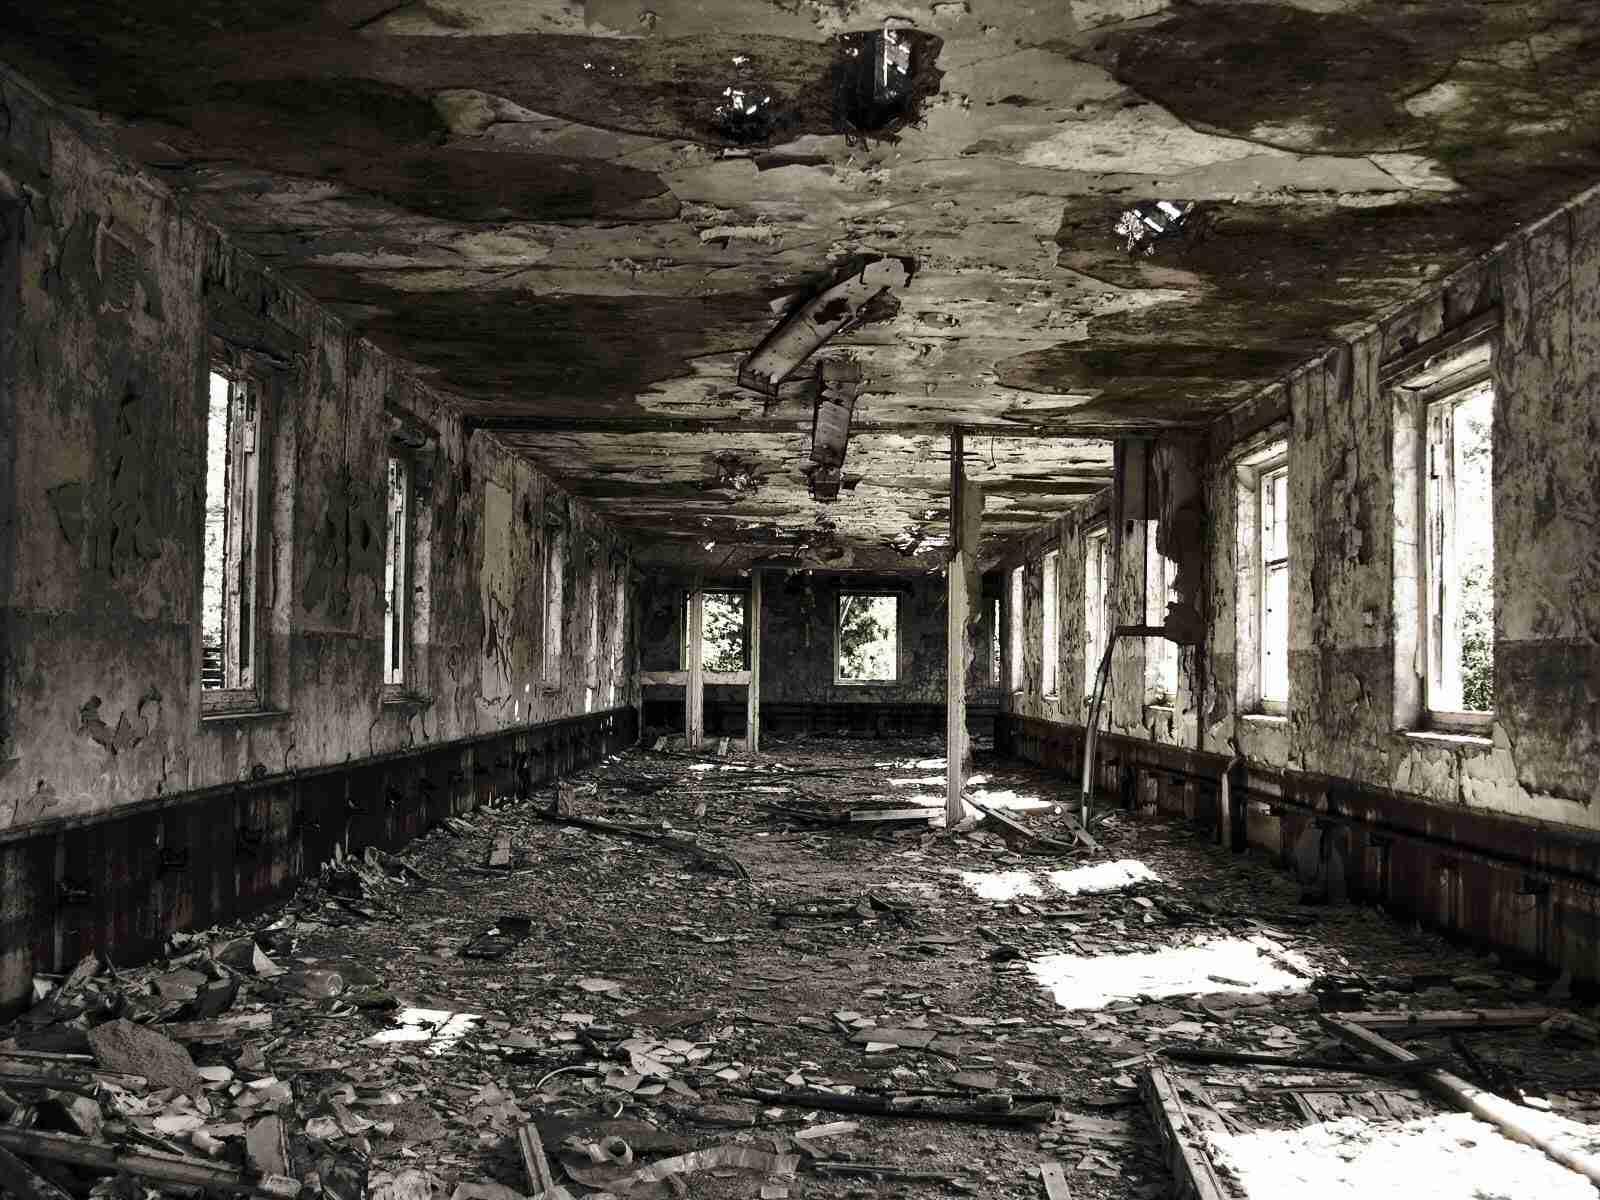 いろんな廃墟やスラムが見たい